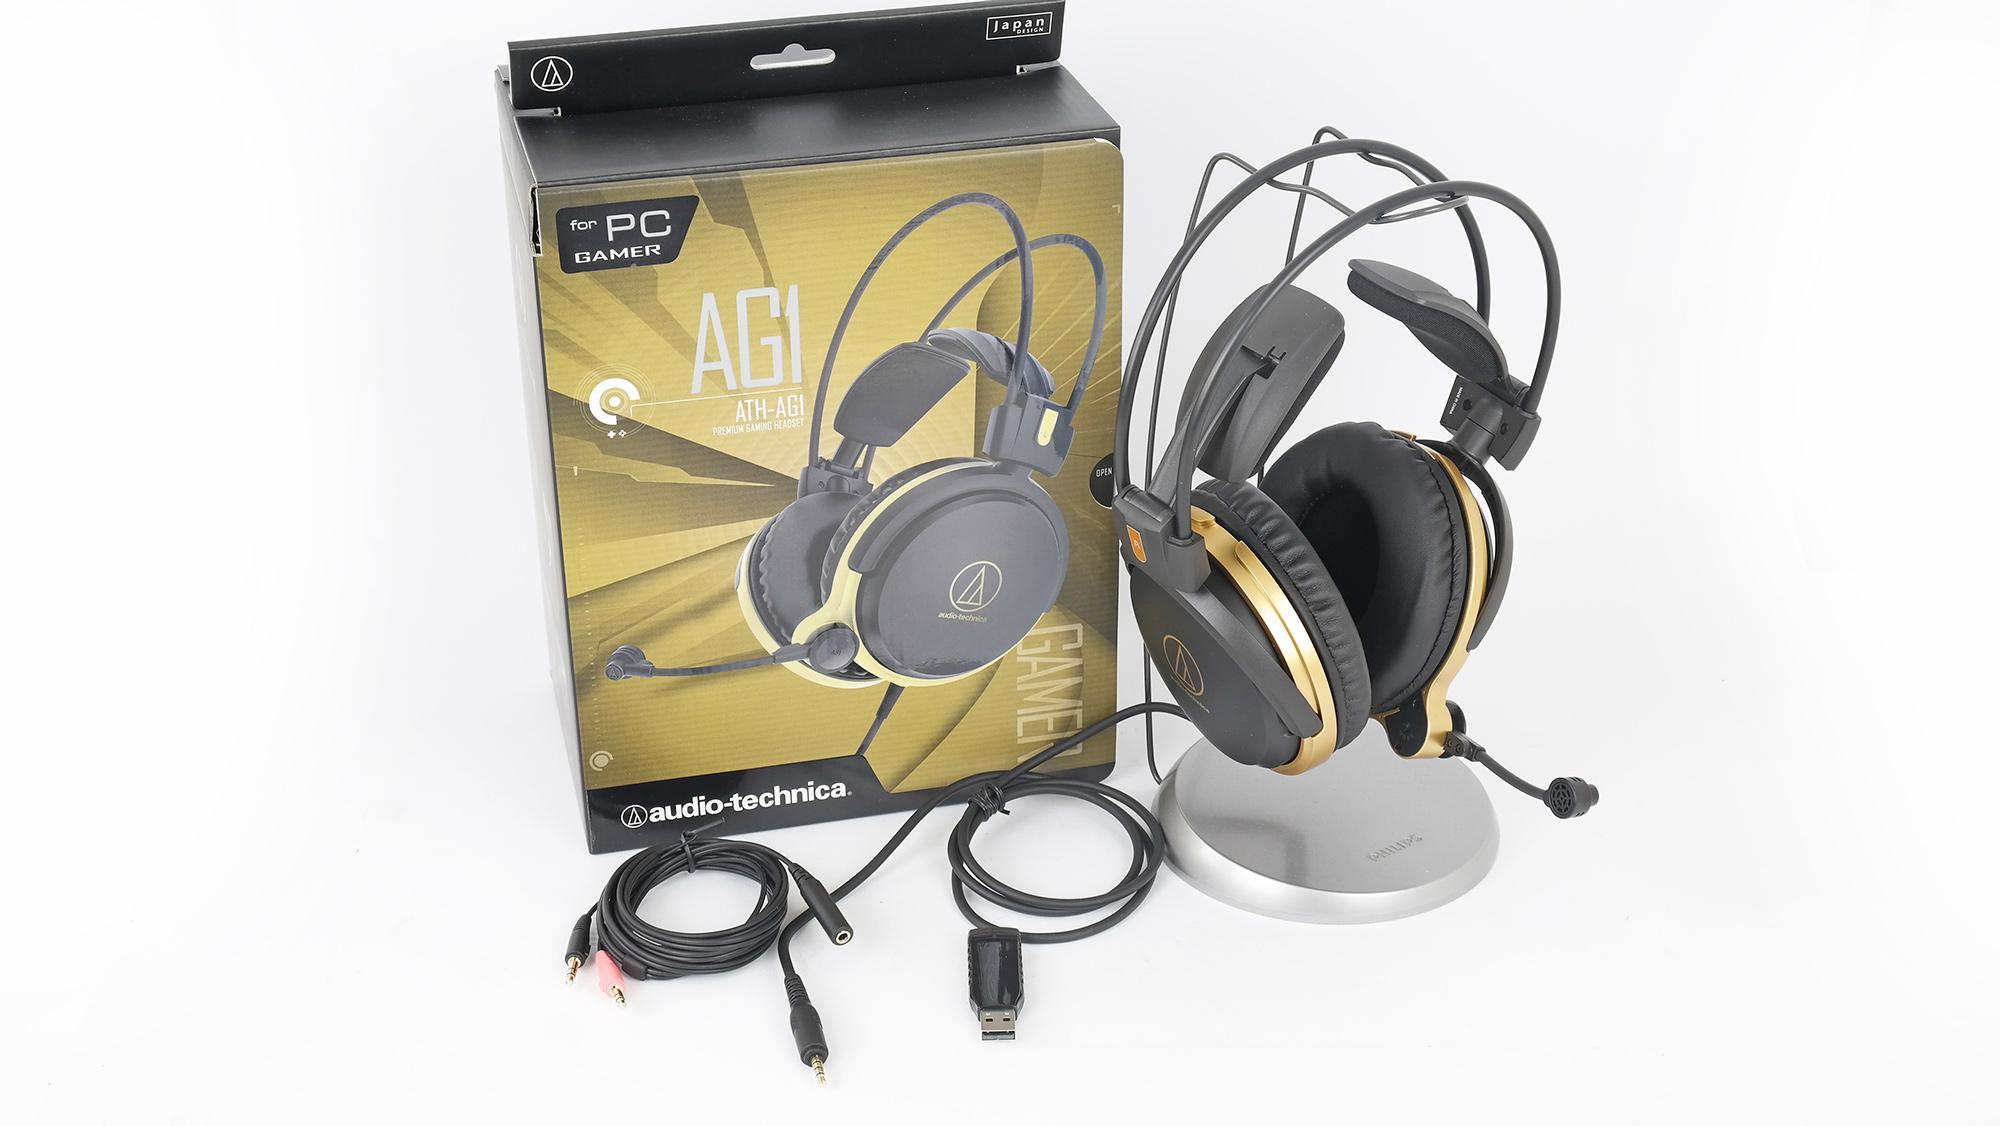 Audio_technica_AG1_01